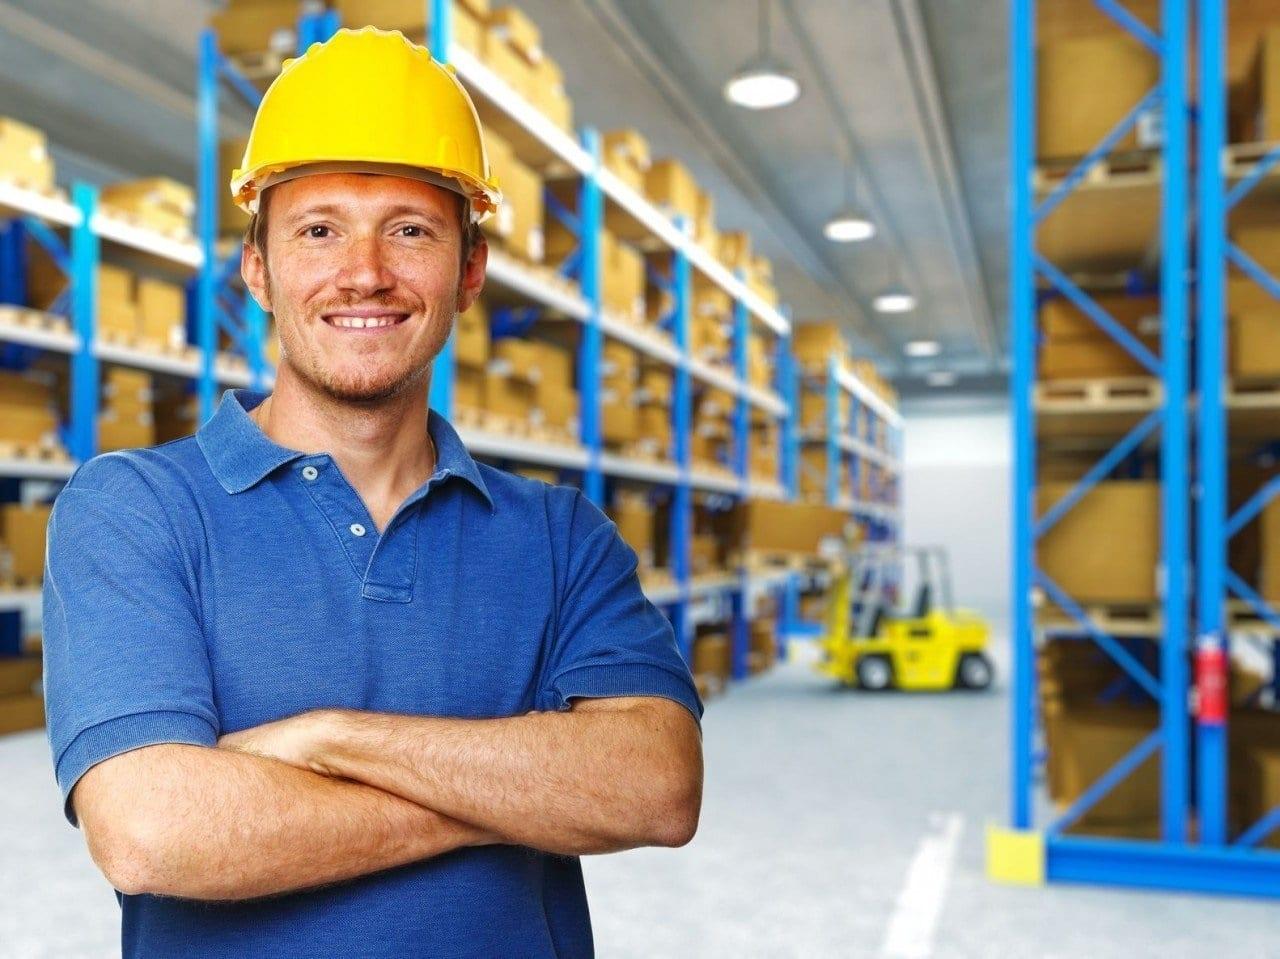 Техническое обслуживание объектов торговли   ИнвестлайнКэпитал